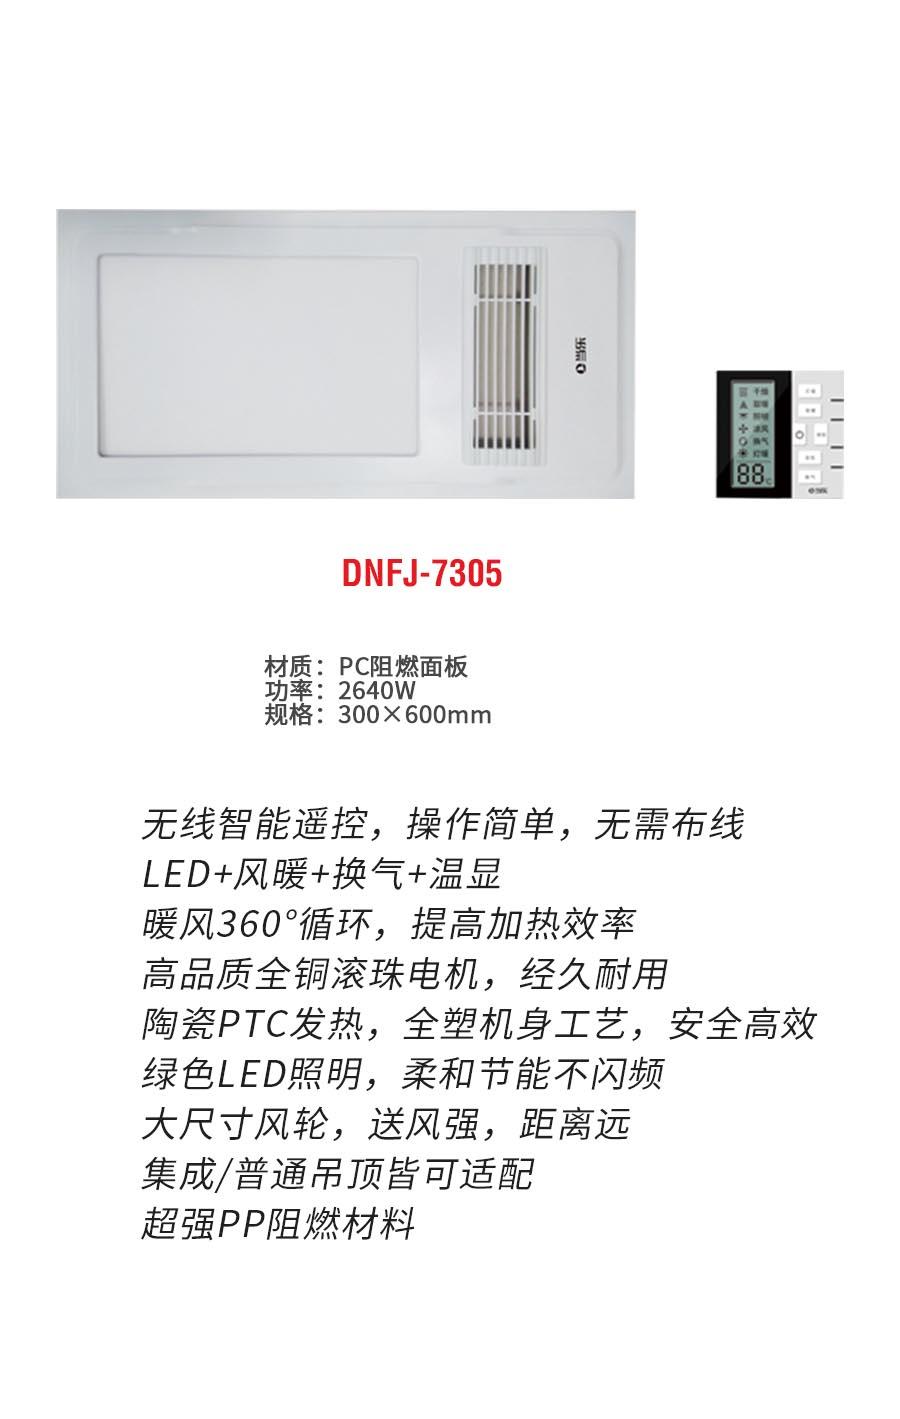 DNFJ-7305b.jpg